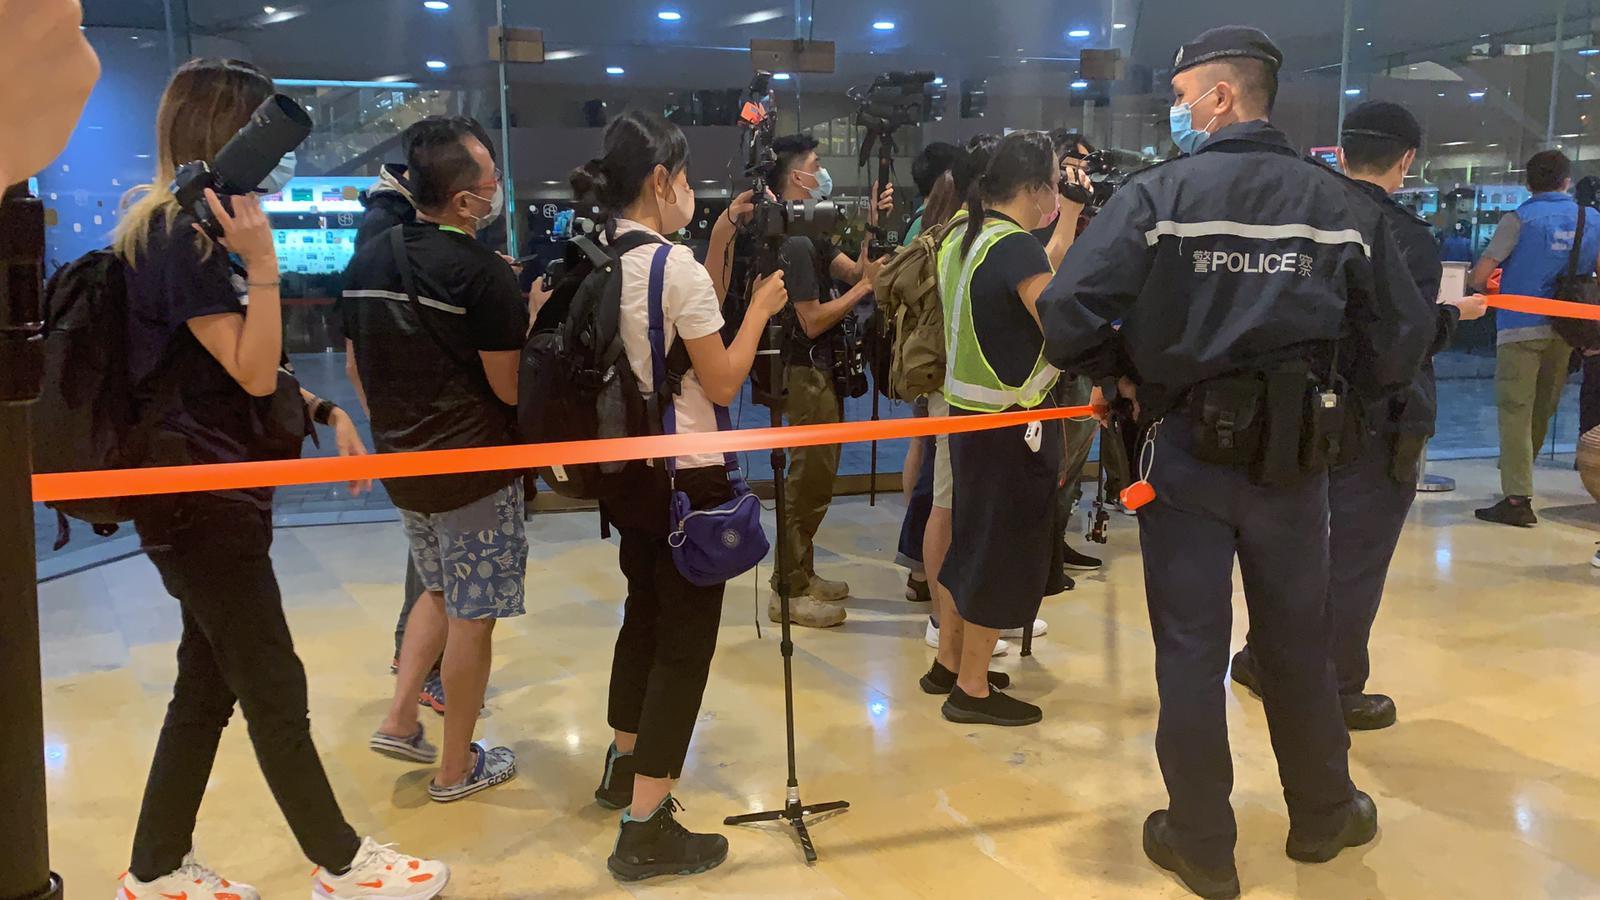 大批警員進入太古廣場並拉起封鎖線,要求部份記者出示記者證,大批傳媒被封。(大紀元/鼓佬)